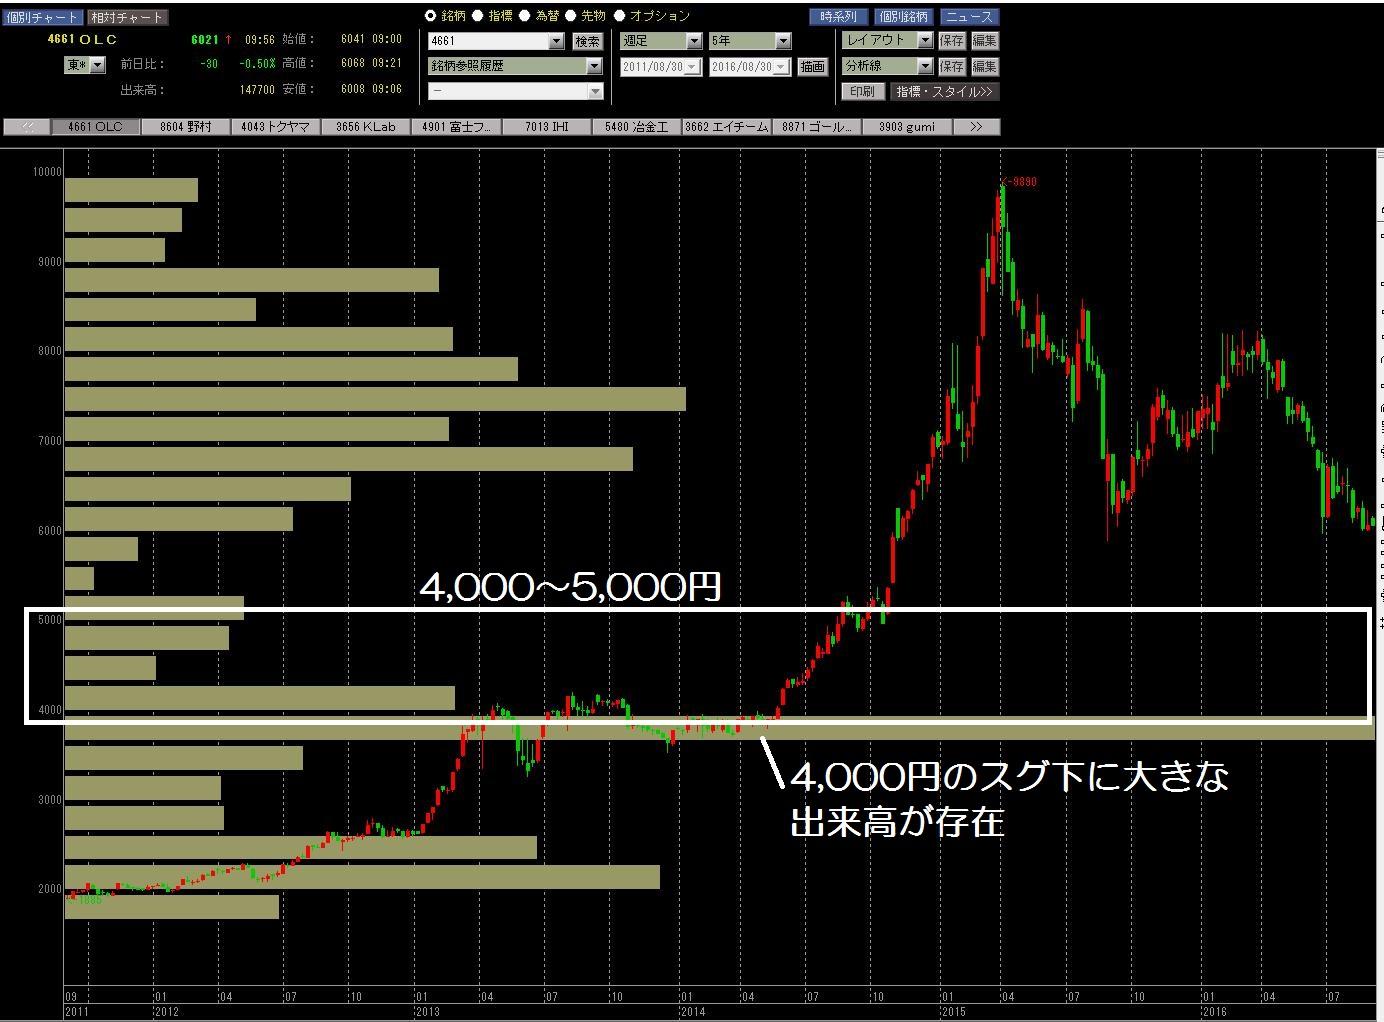 16.8.30オリエンタルランド株価-価格帯別出来高-min